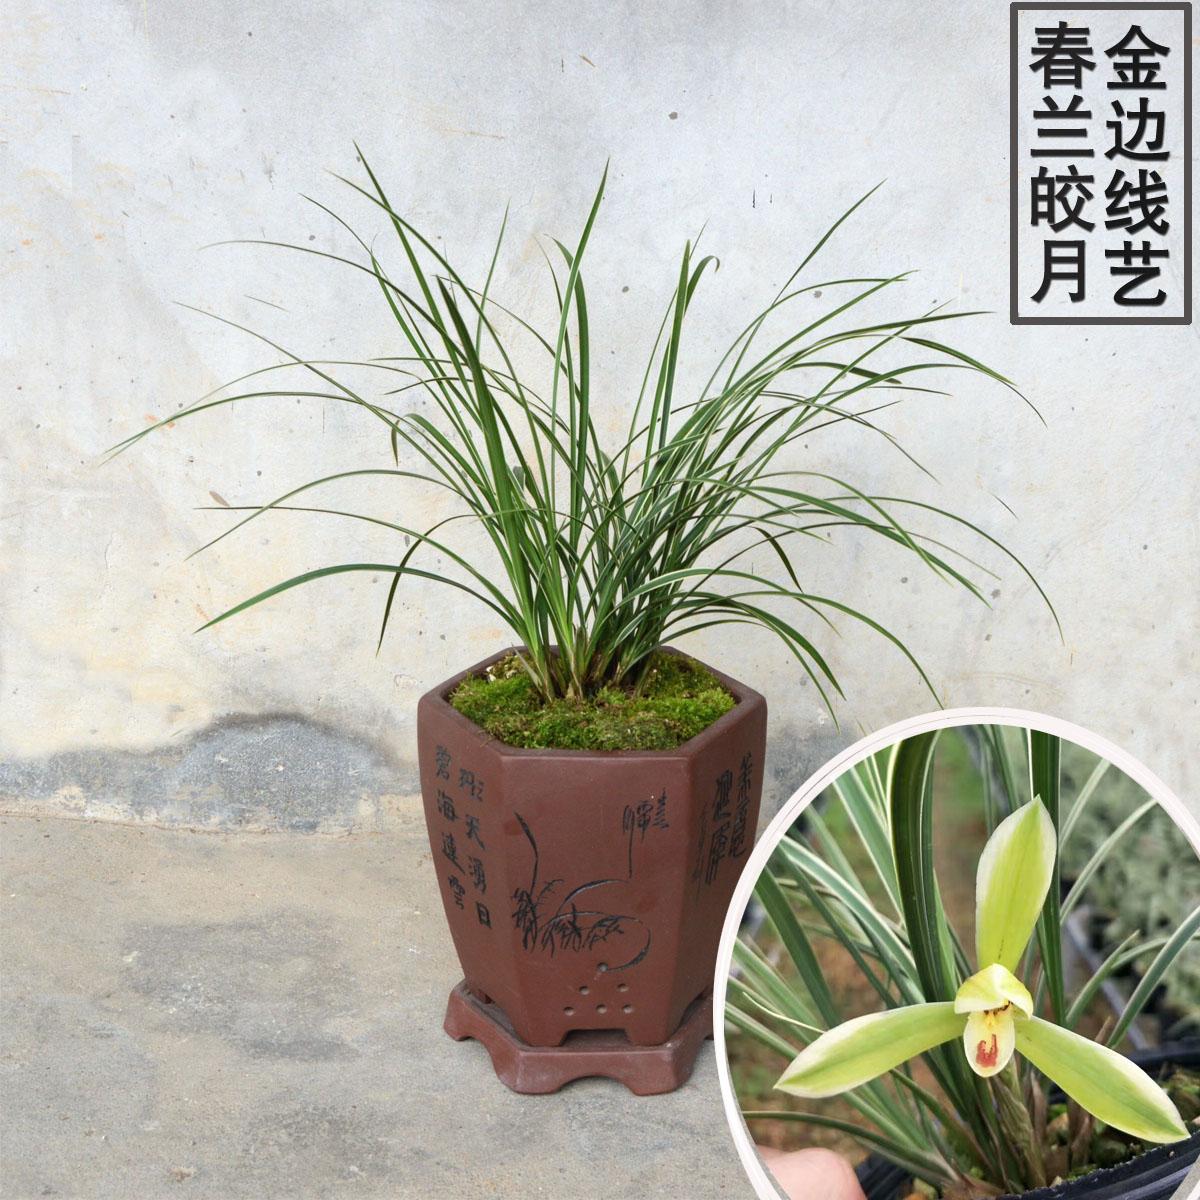 春兰皎月 金边线艺 兰花苗 细叶金边带花苞室内绿植盆栽花卉包邮图片